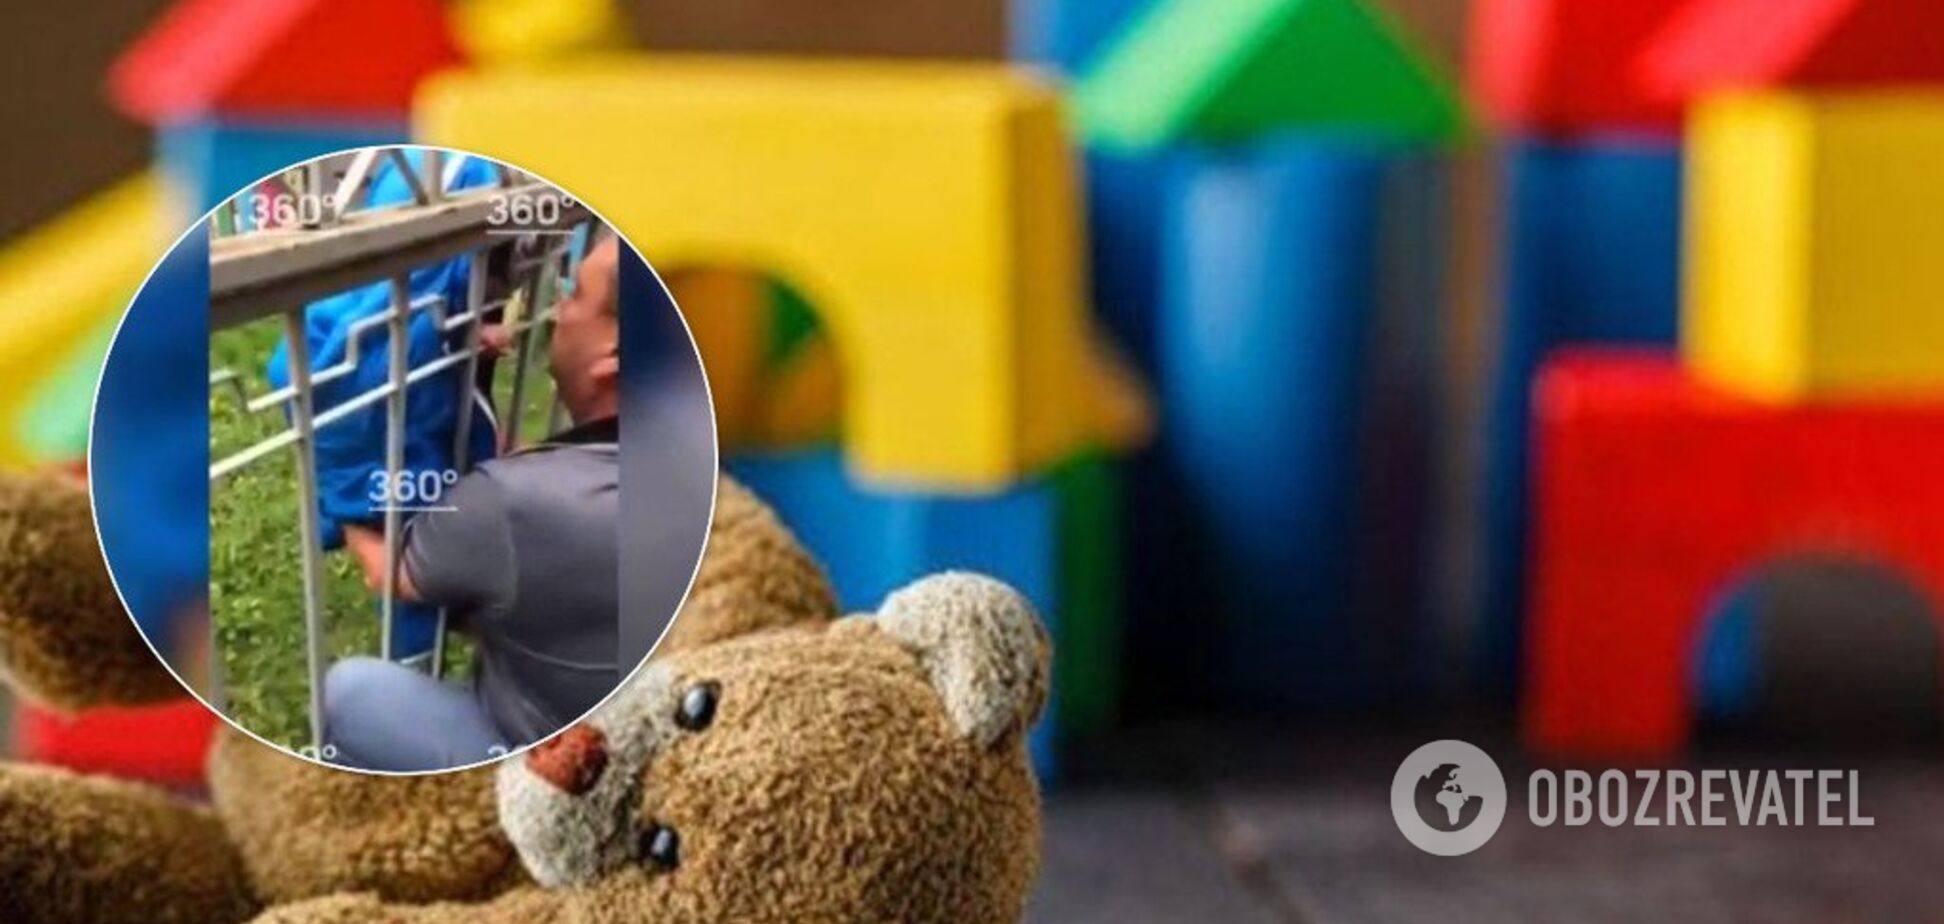 Стоял в трусах и плакал: всплыло новое видео издевательств в детсаду России